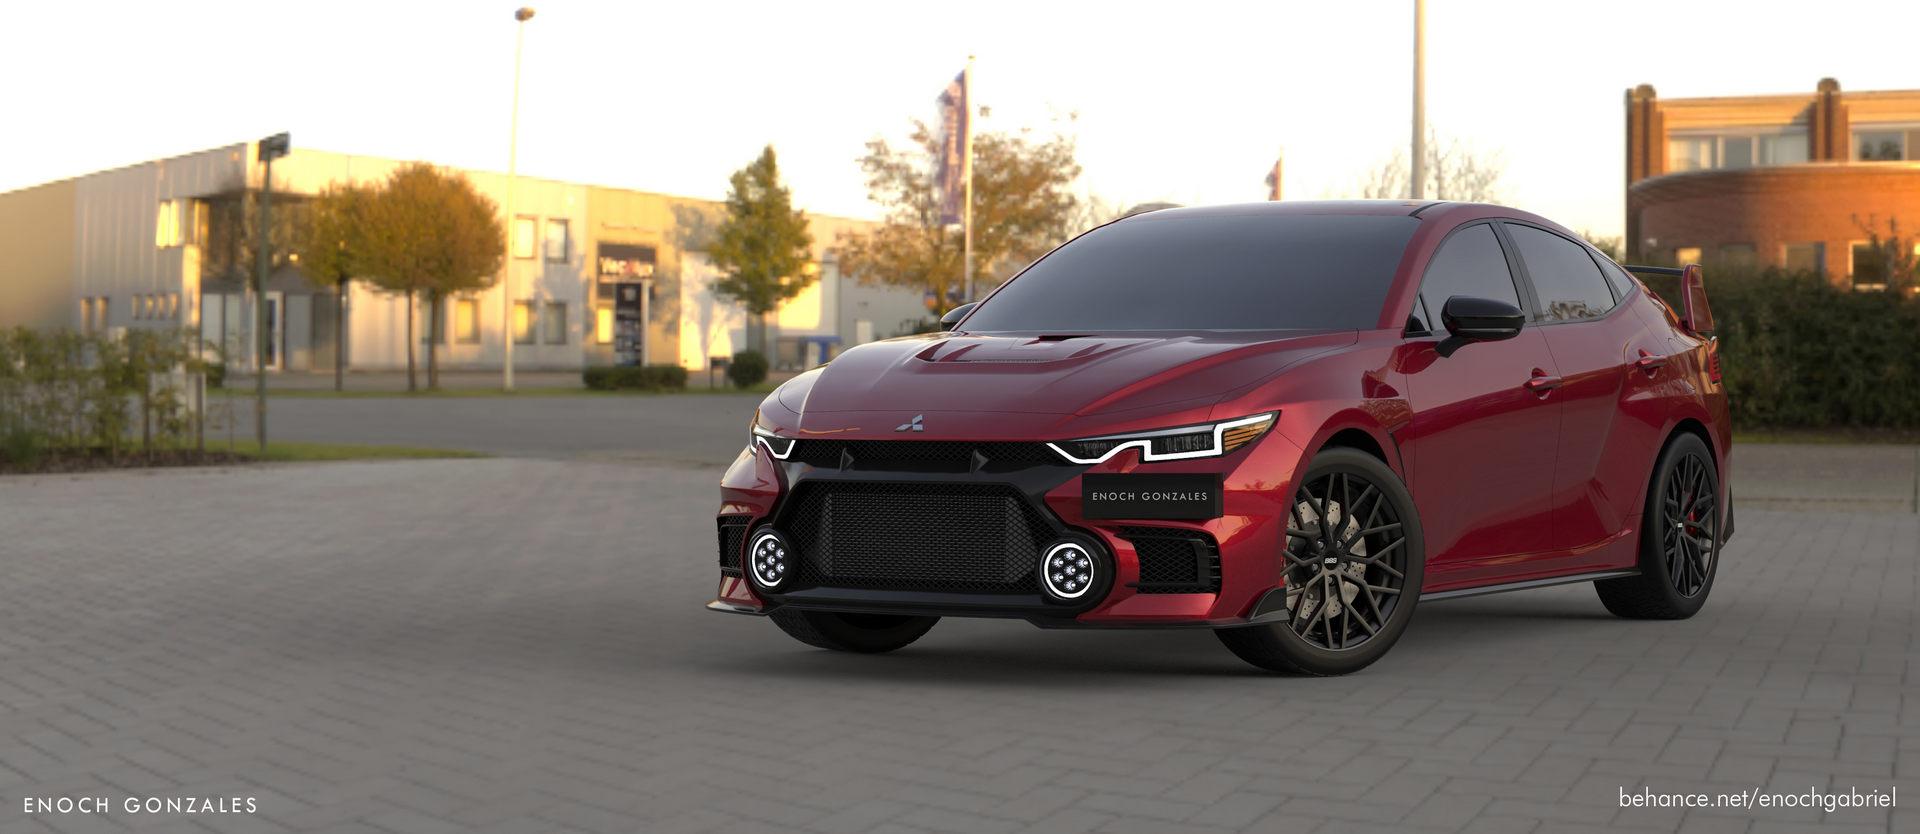 Mitsubishi-Lancer-Evo-XII-renderings-7